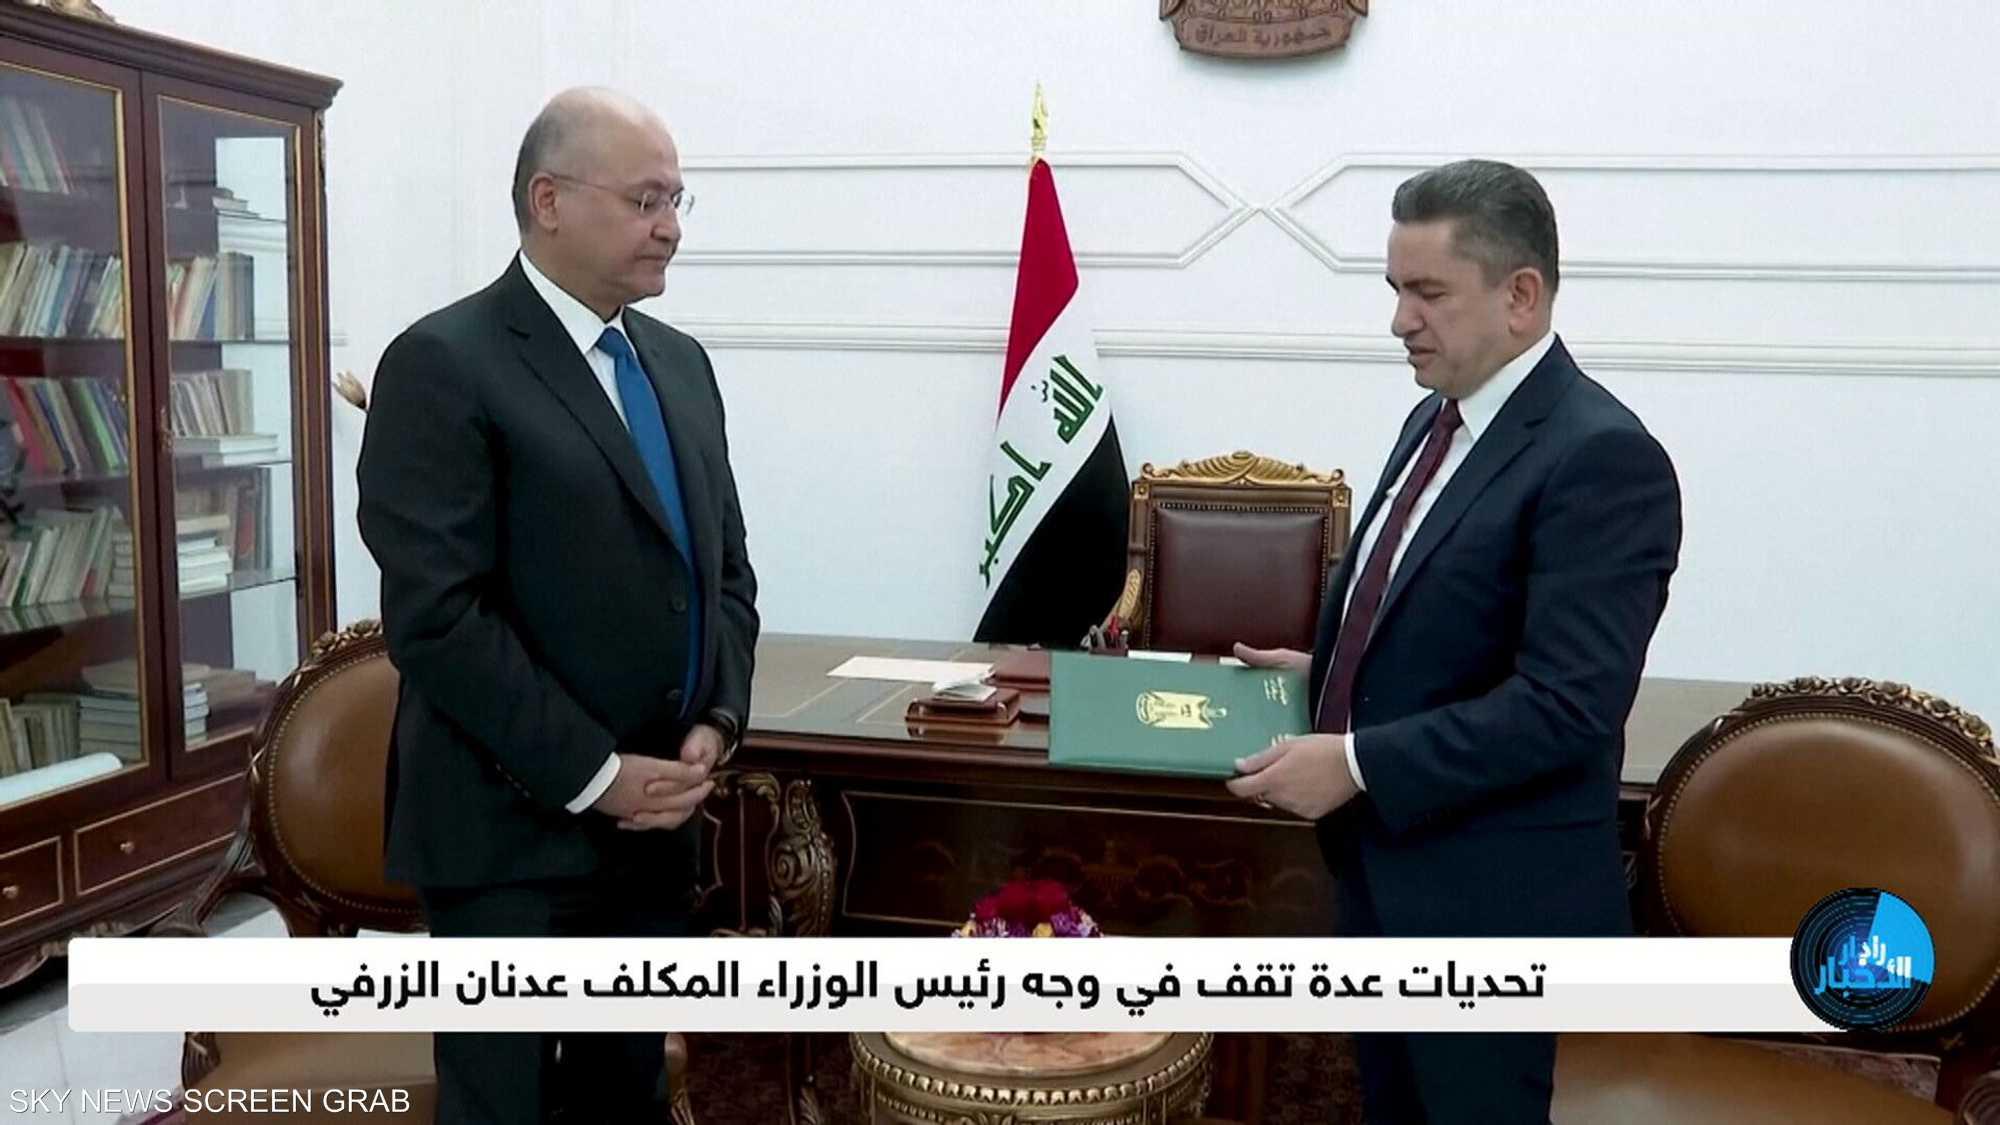 العراق.. تحديات تقف في وجه رئيس الوزراء المكلف عدنان الزرفي